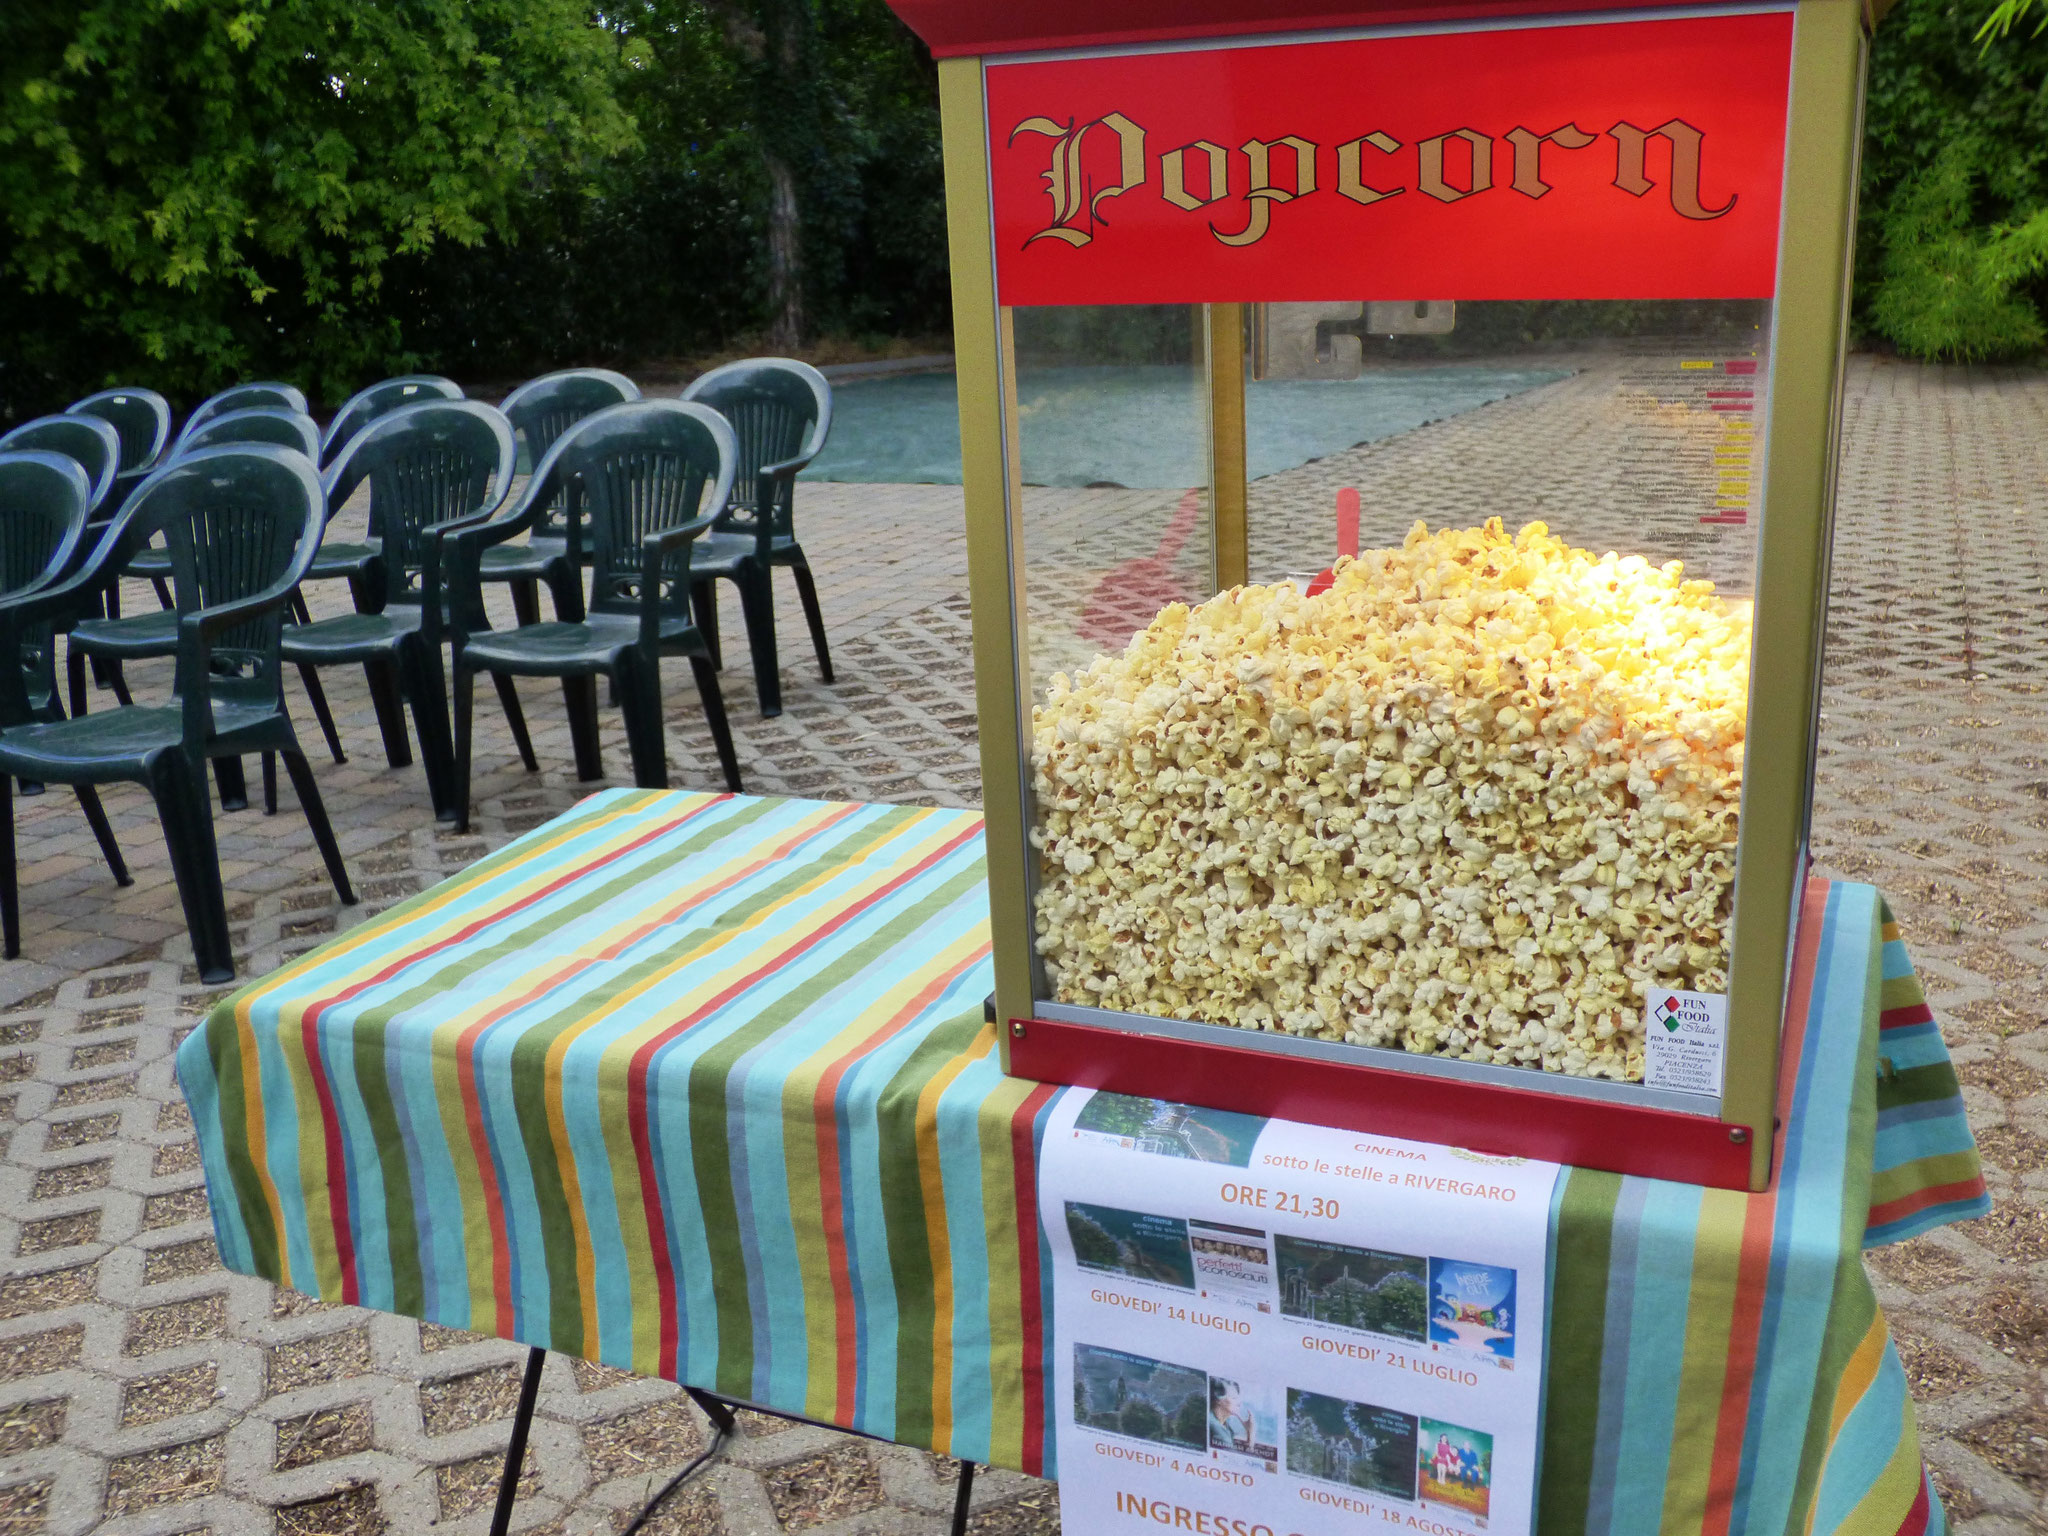 Cinema sotto le stelle a Rivergaro luglio 2016